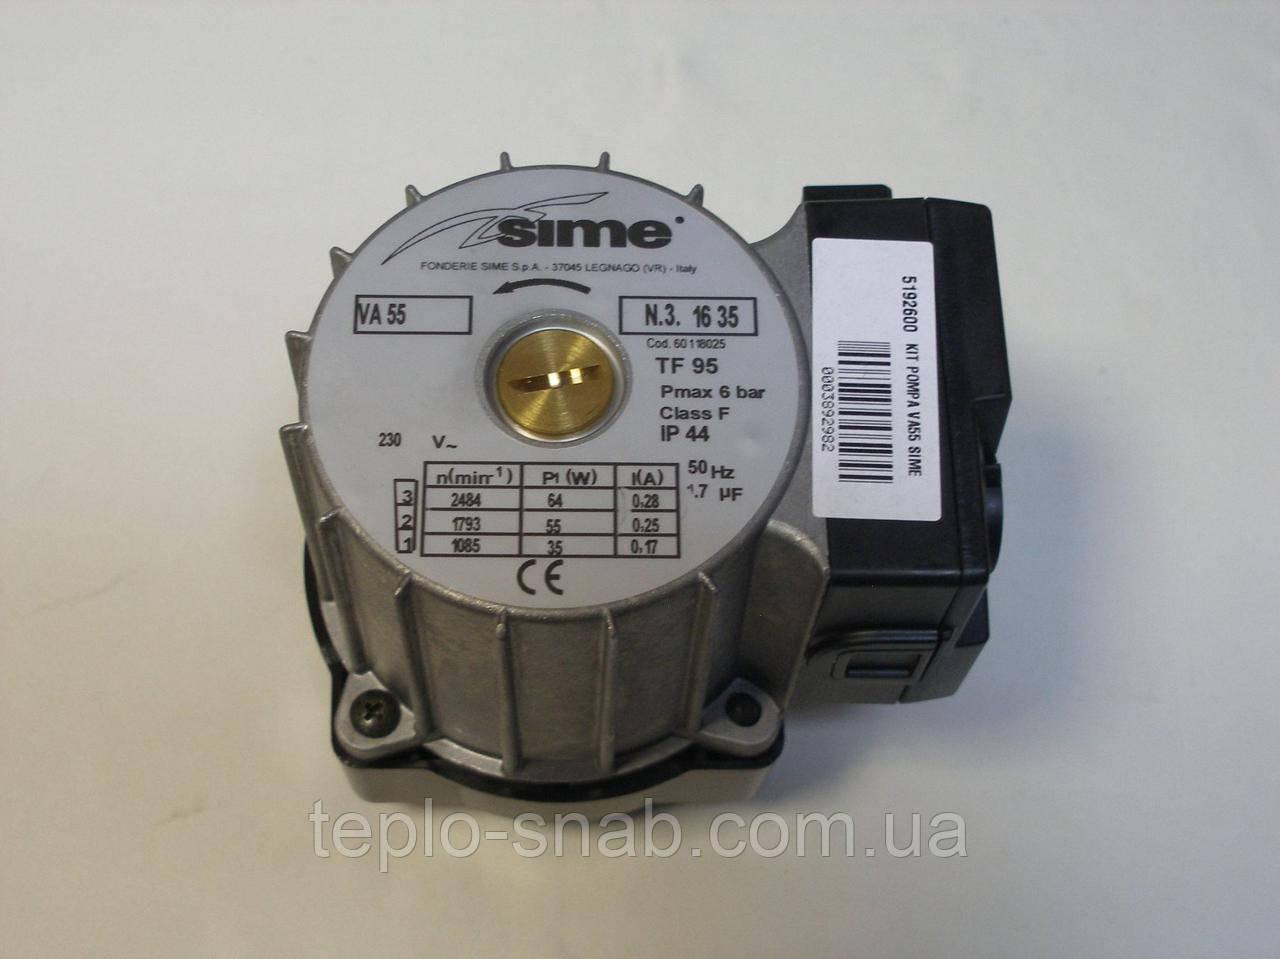 Циркуляционный насос газового котла Sime Format Zip 5. 5192600